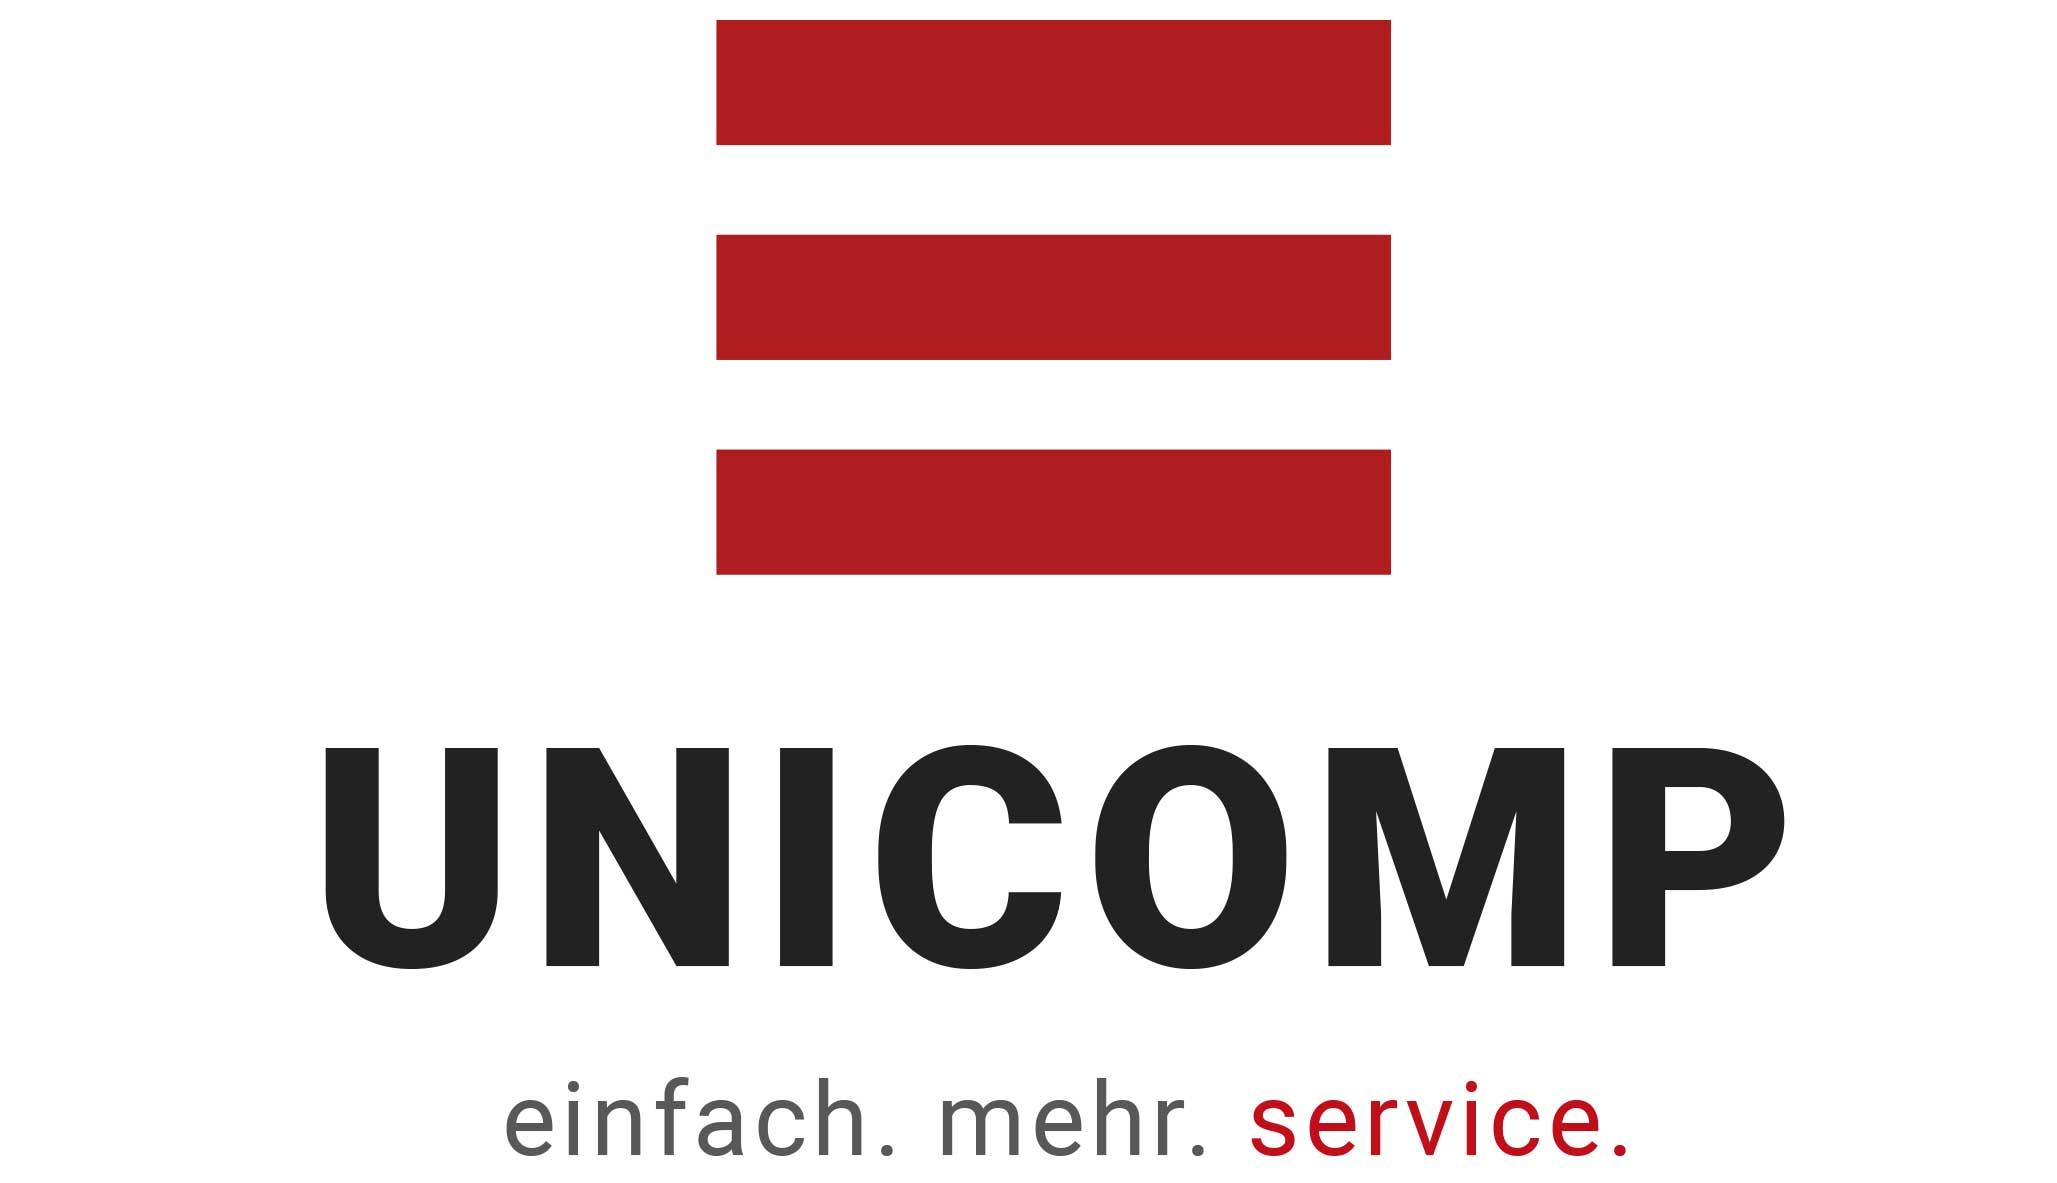 UNICOMP Computer, Reparatur und Service in Gießen